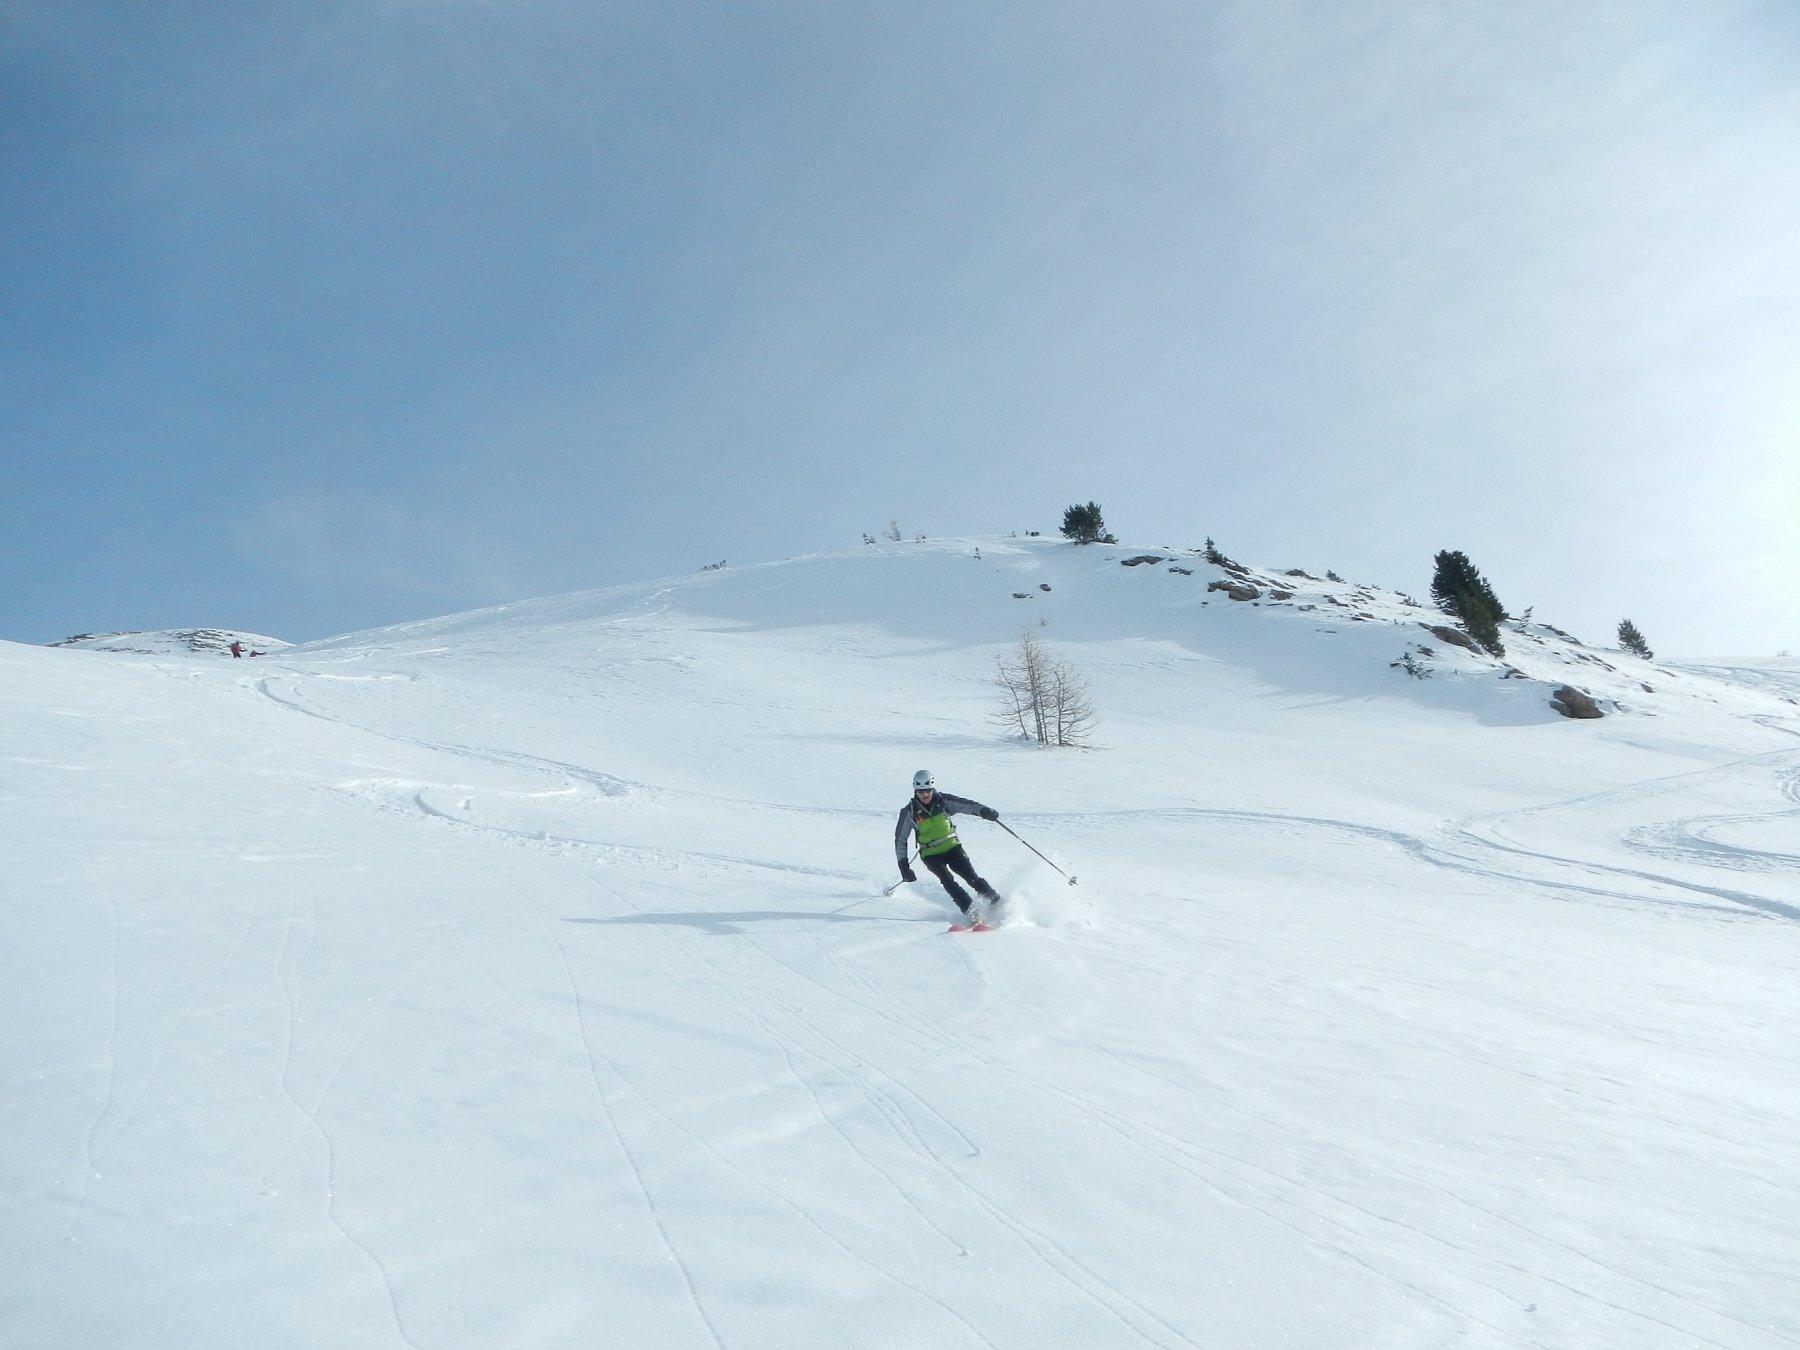 venti cm di neve fresca su fondo consolidato